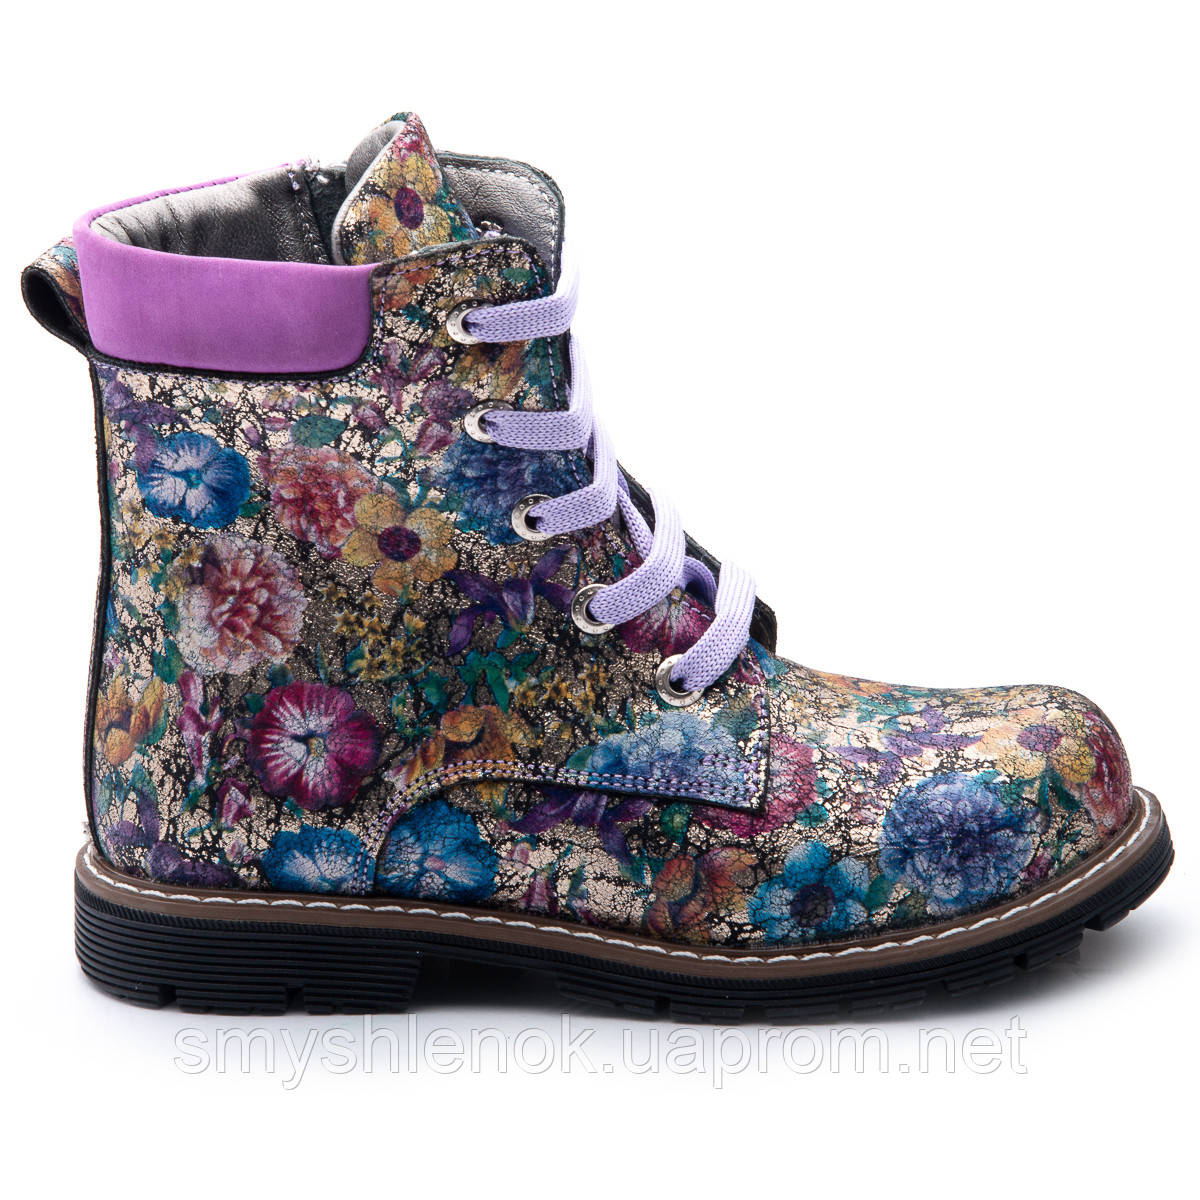 Ботинки Theo Leo RN819 27 17.5 см Черно-синие,сиренево-розовые